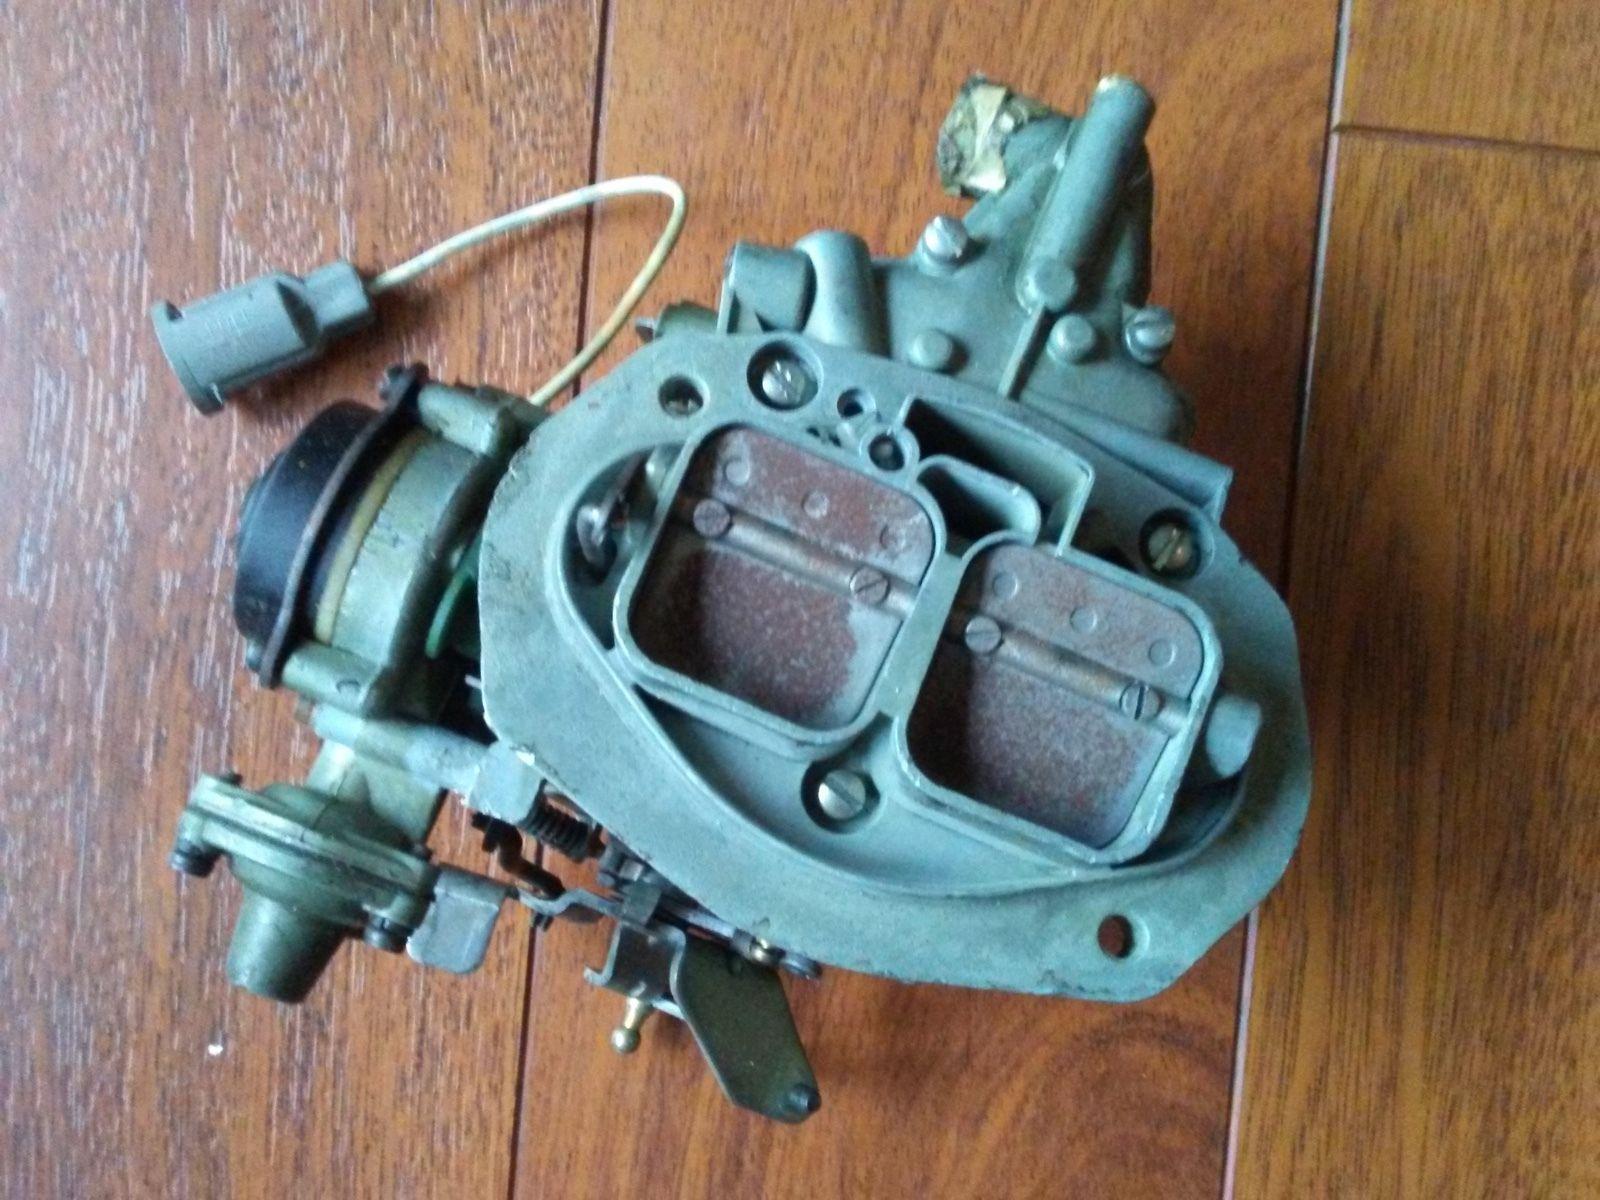 1979 datsun 210 carburetor